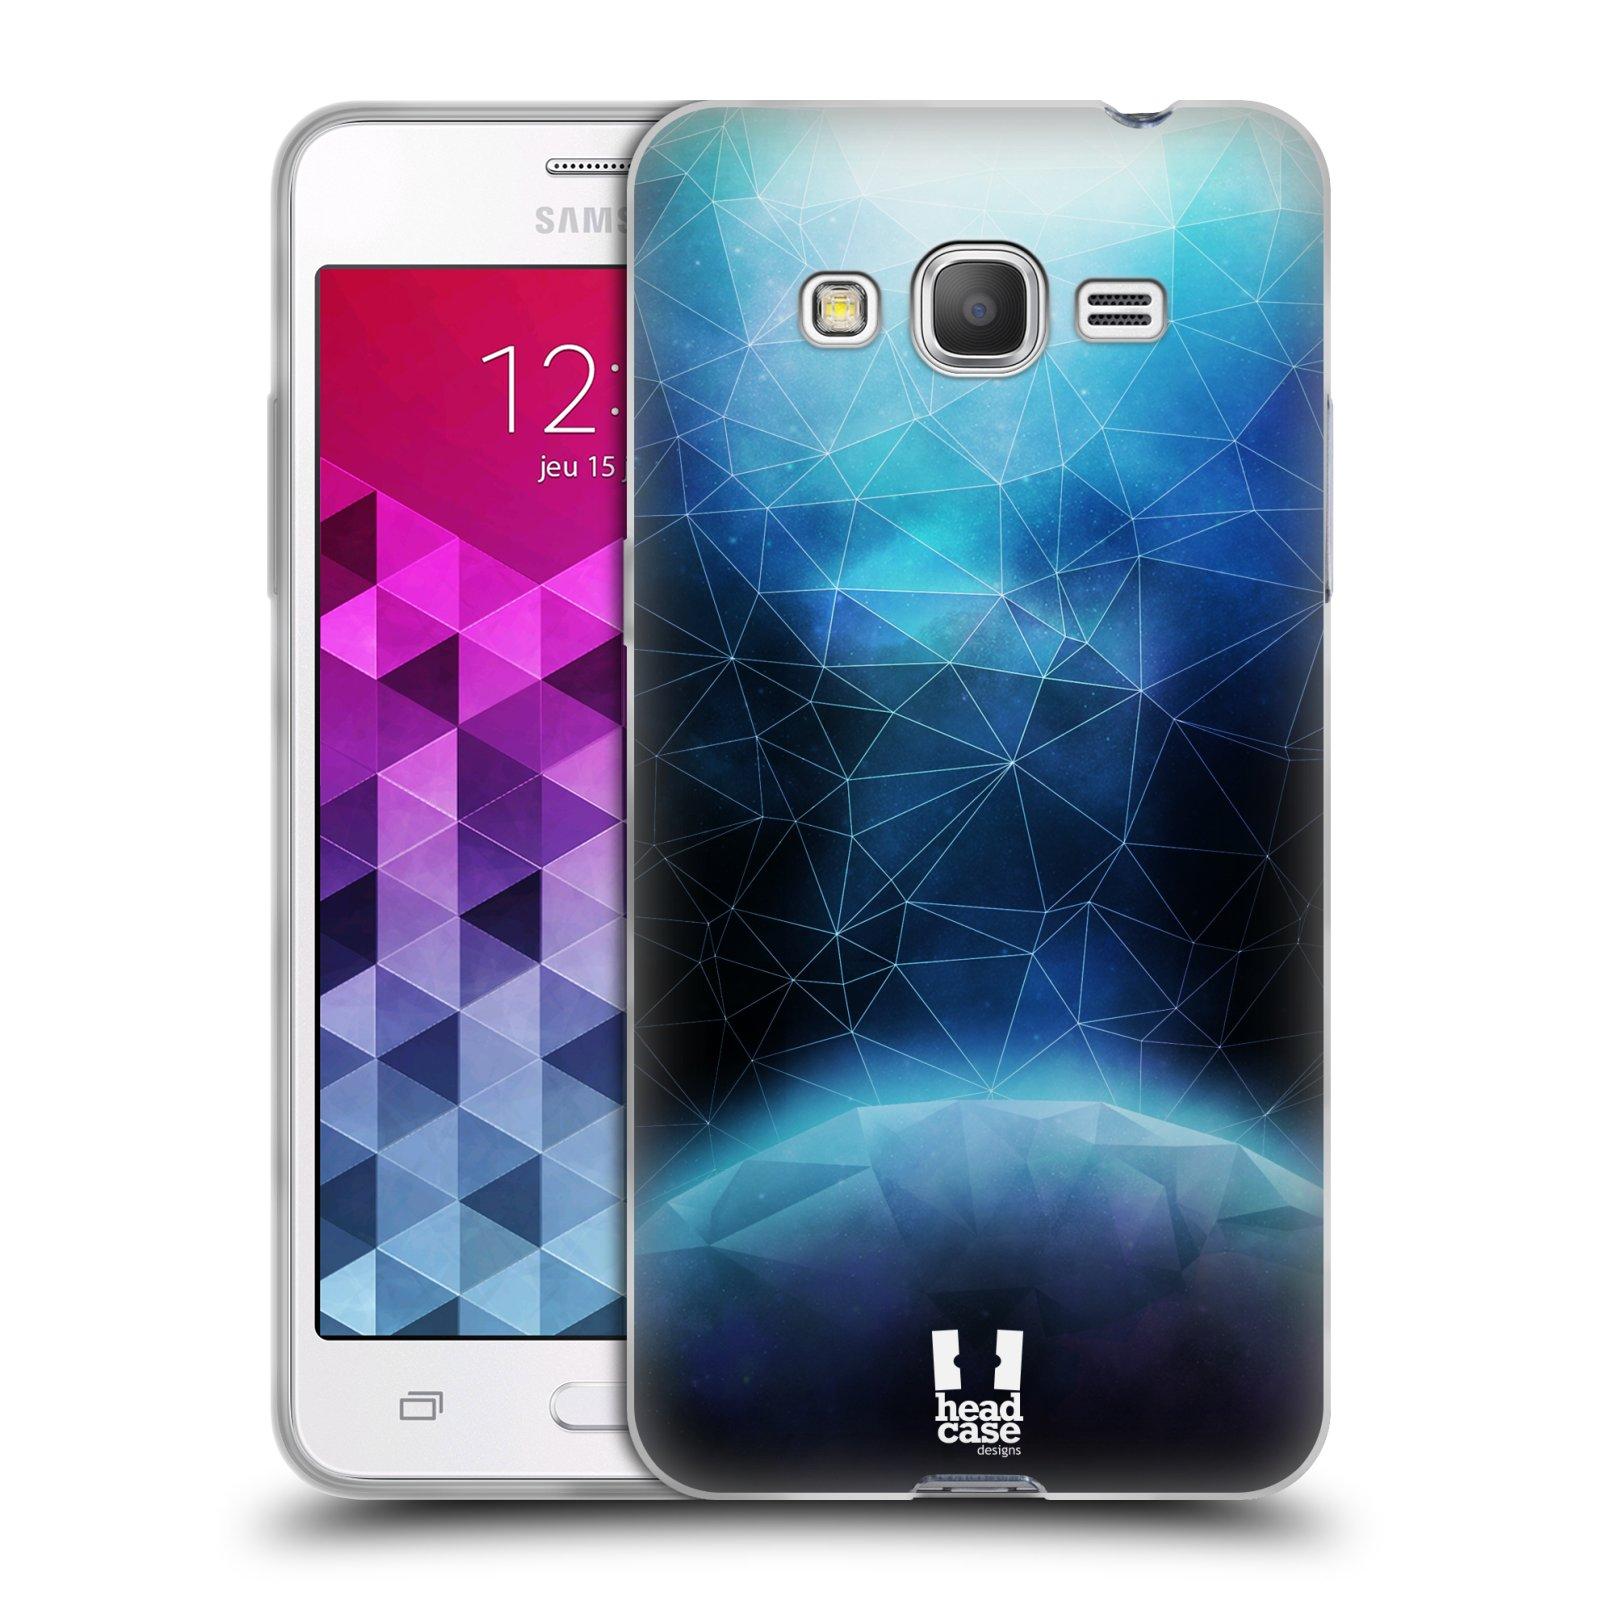 Silikonové pouzdro na mobil Samsung Galaxy Grand Prime VE HEAD CASE UNIVERSE ABSORB